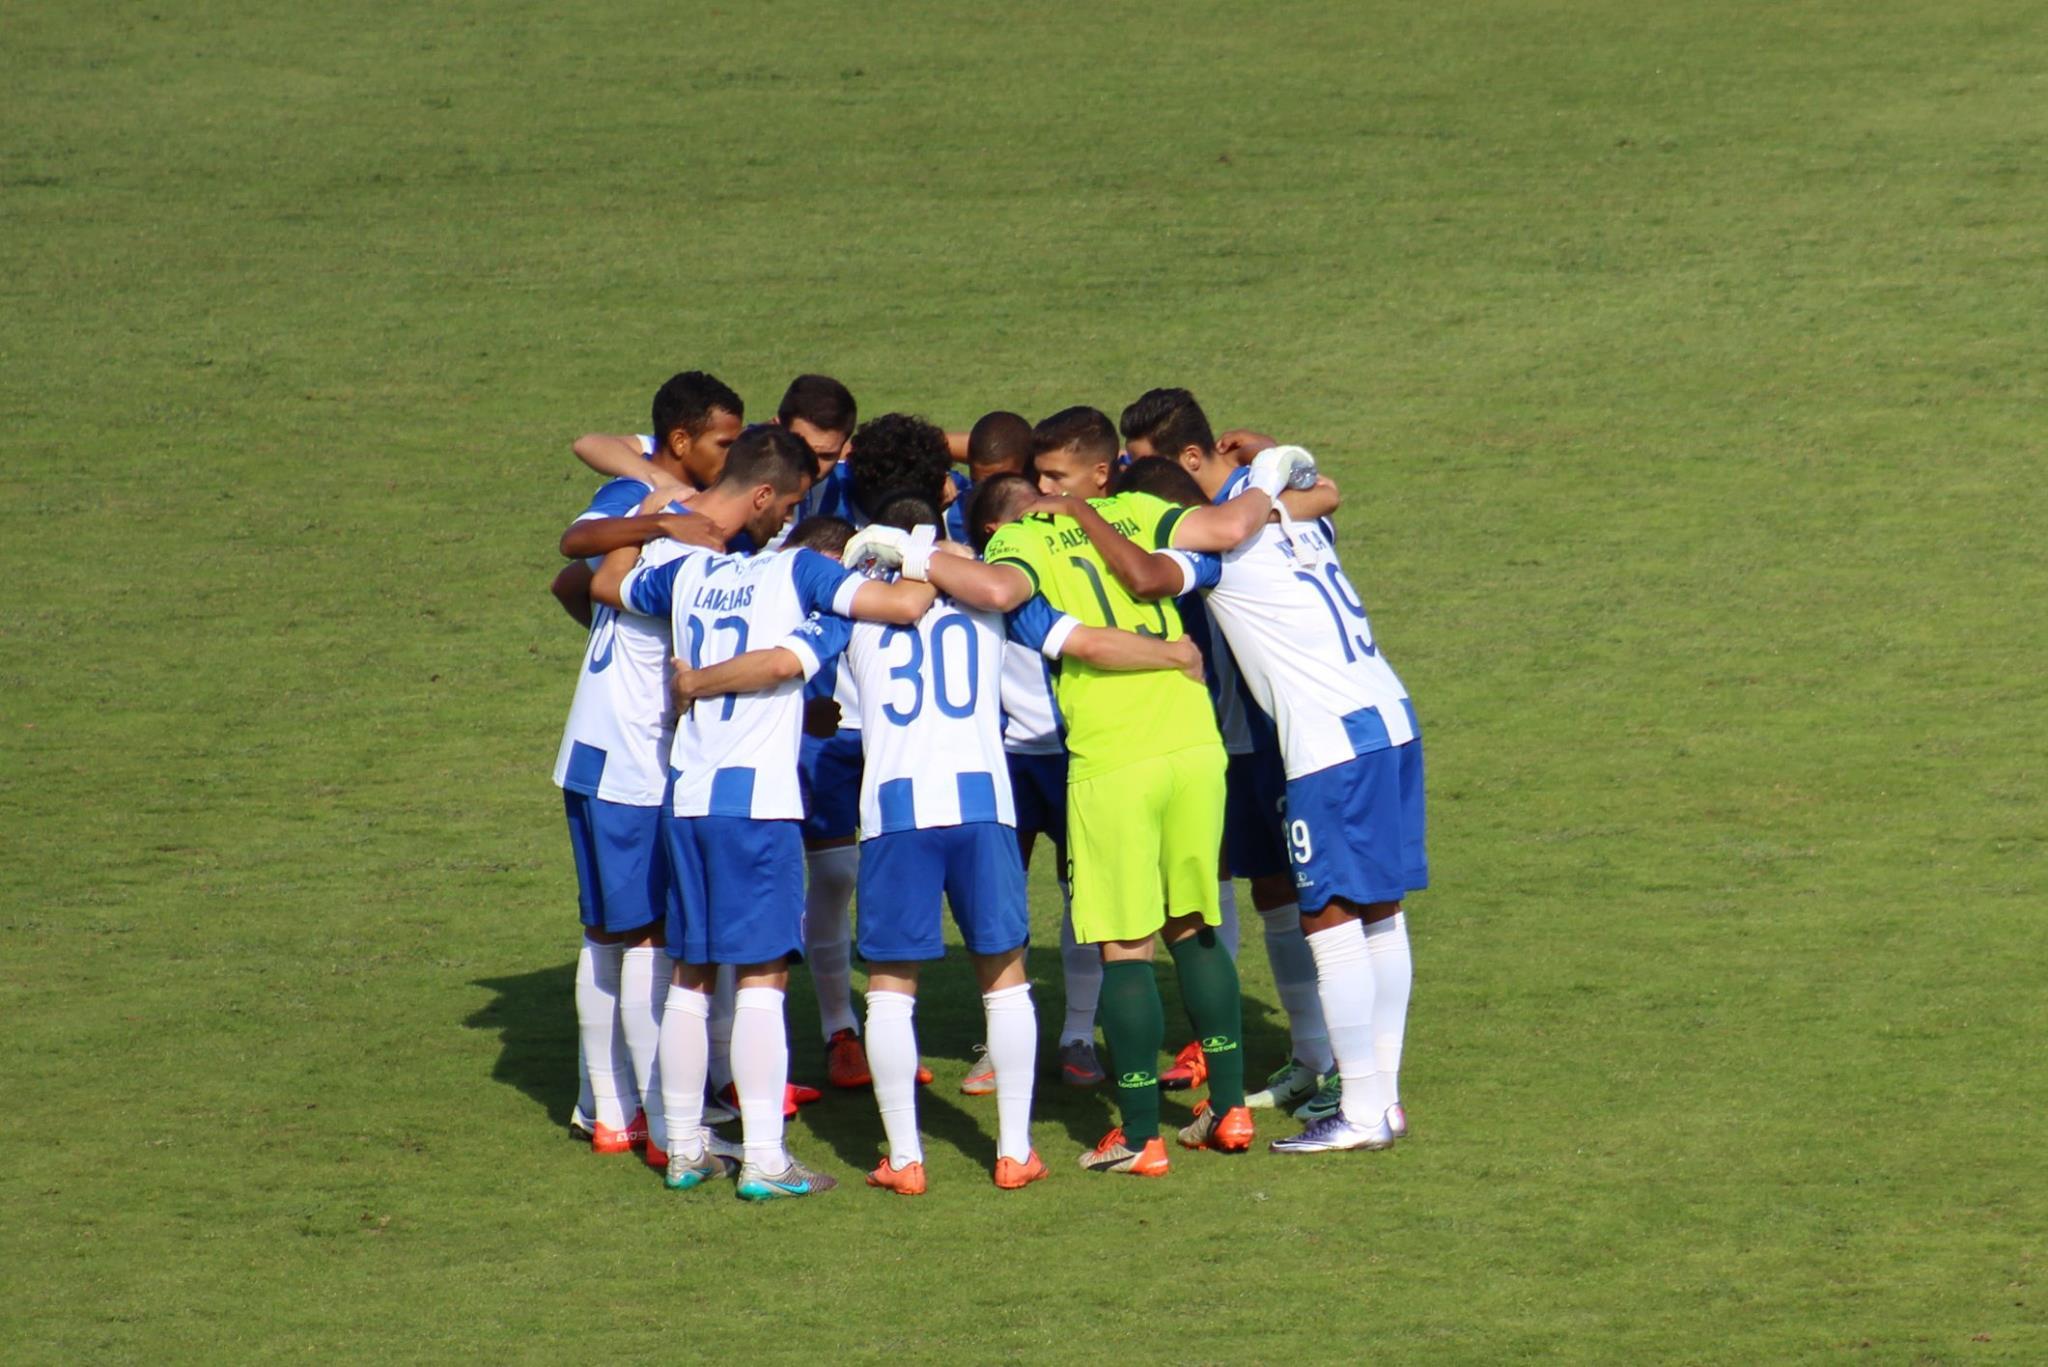 O Vizela não sofre golos desde Agosto! São já 6 jogos seguidos…